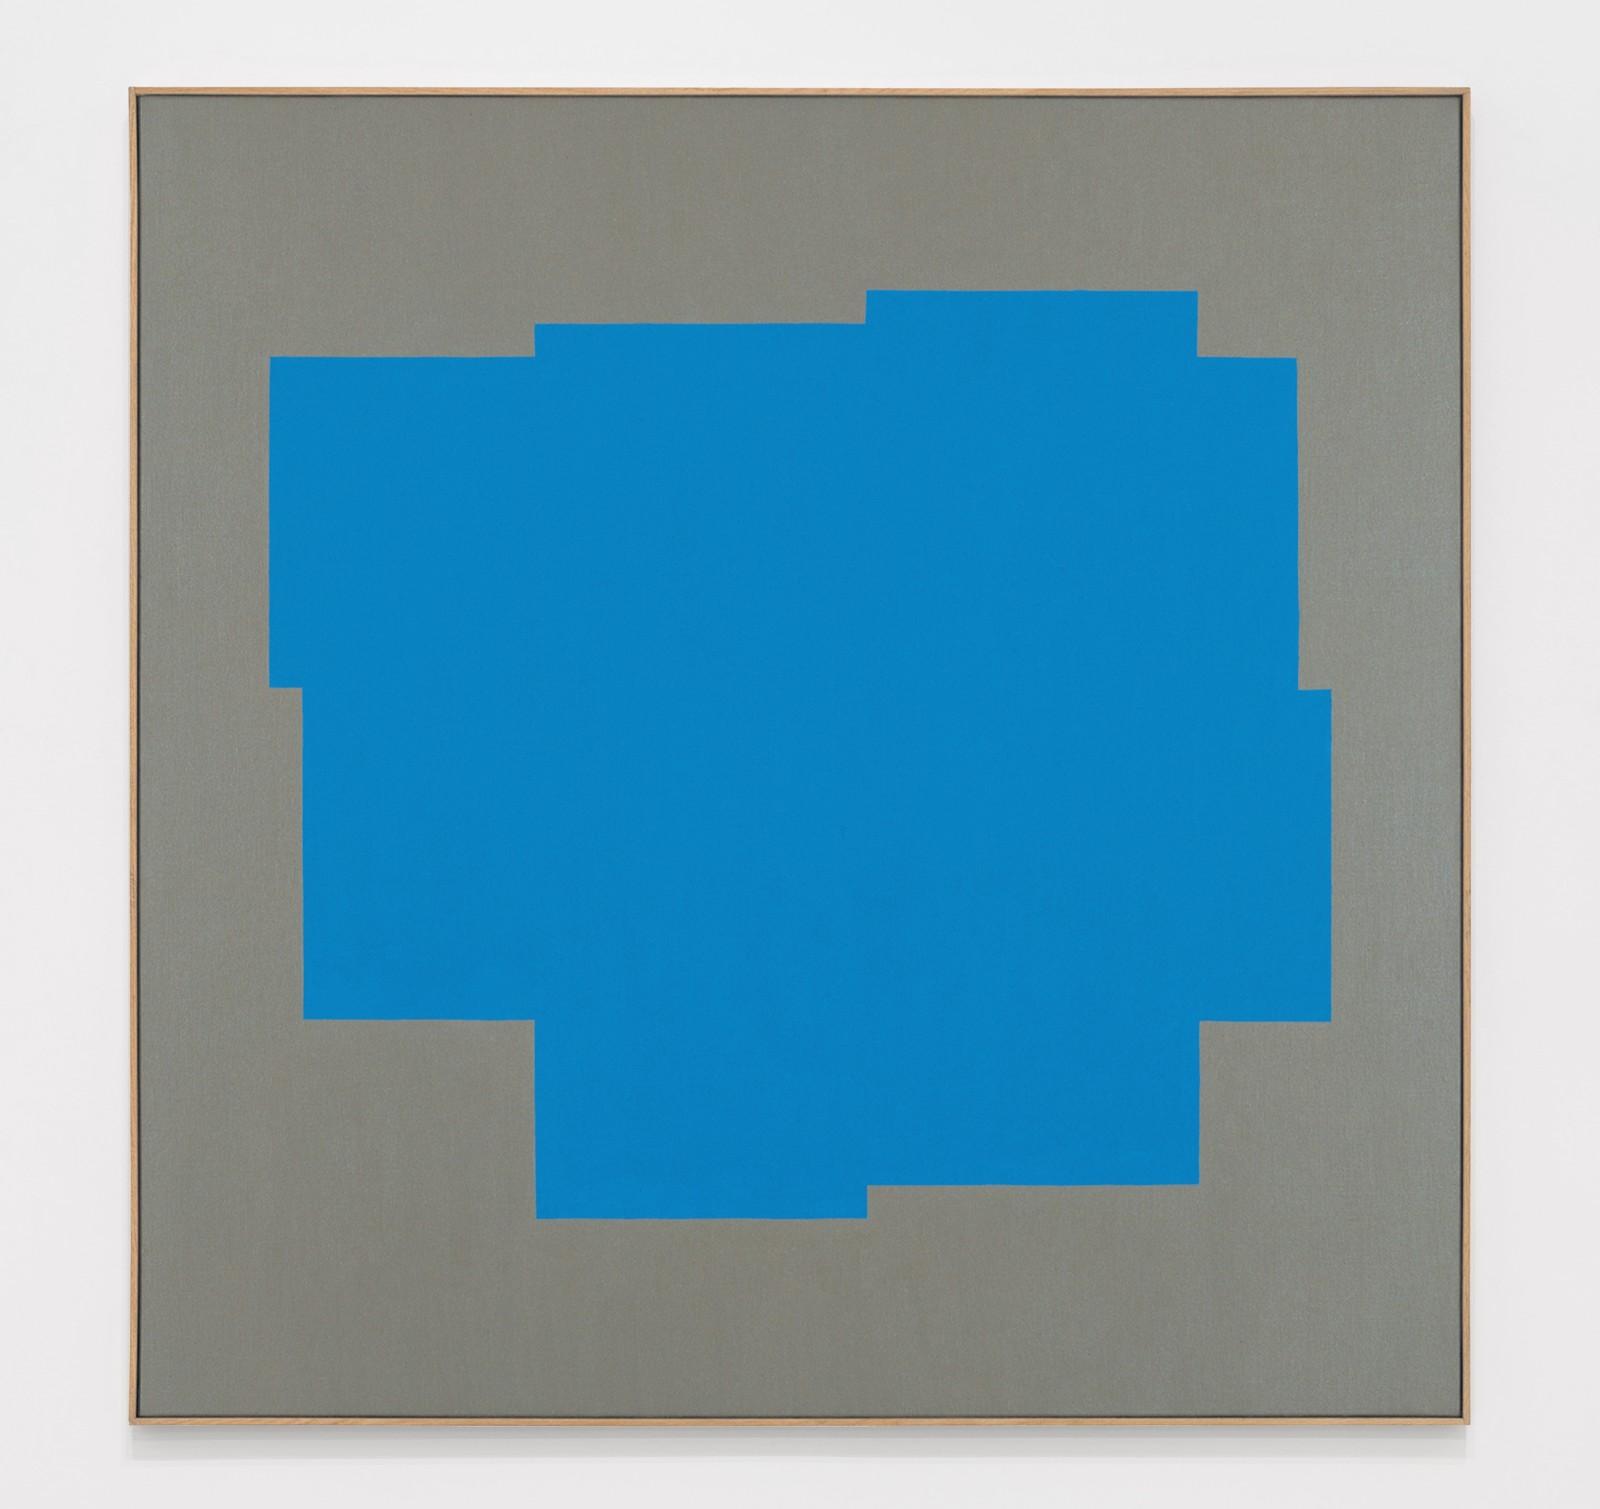 VERENA LOEWENSBERG, Untitled, 1983